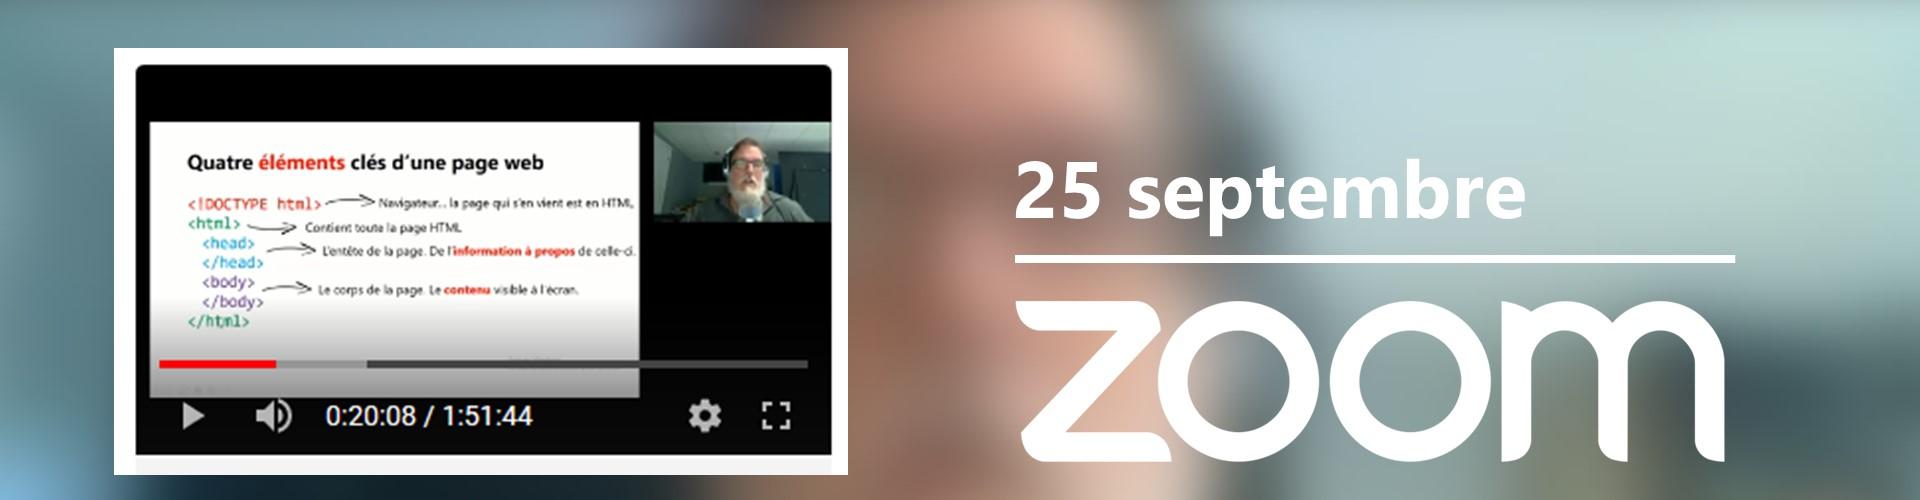 Rencontre du 25 septembre sur Zoom